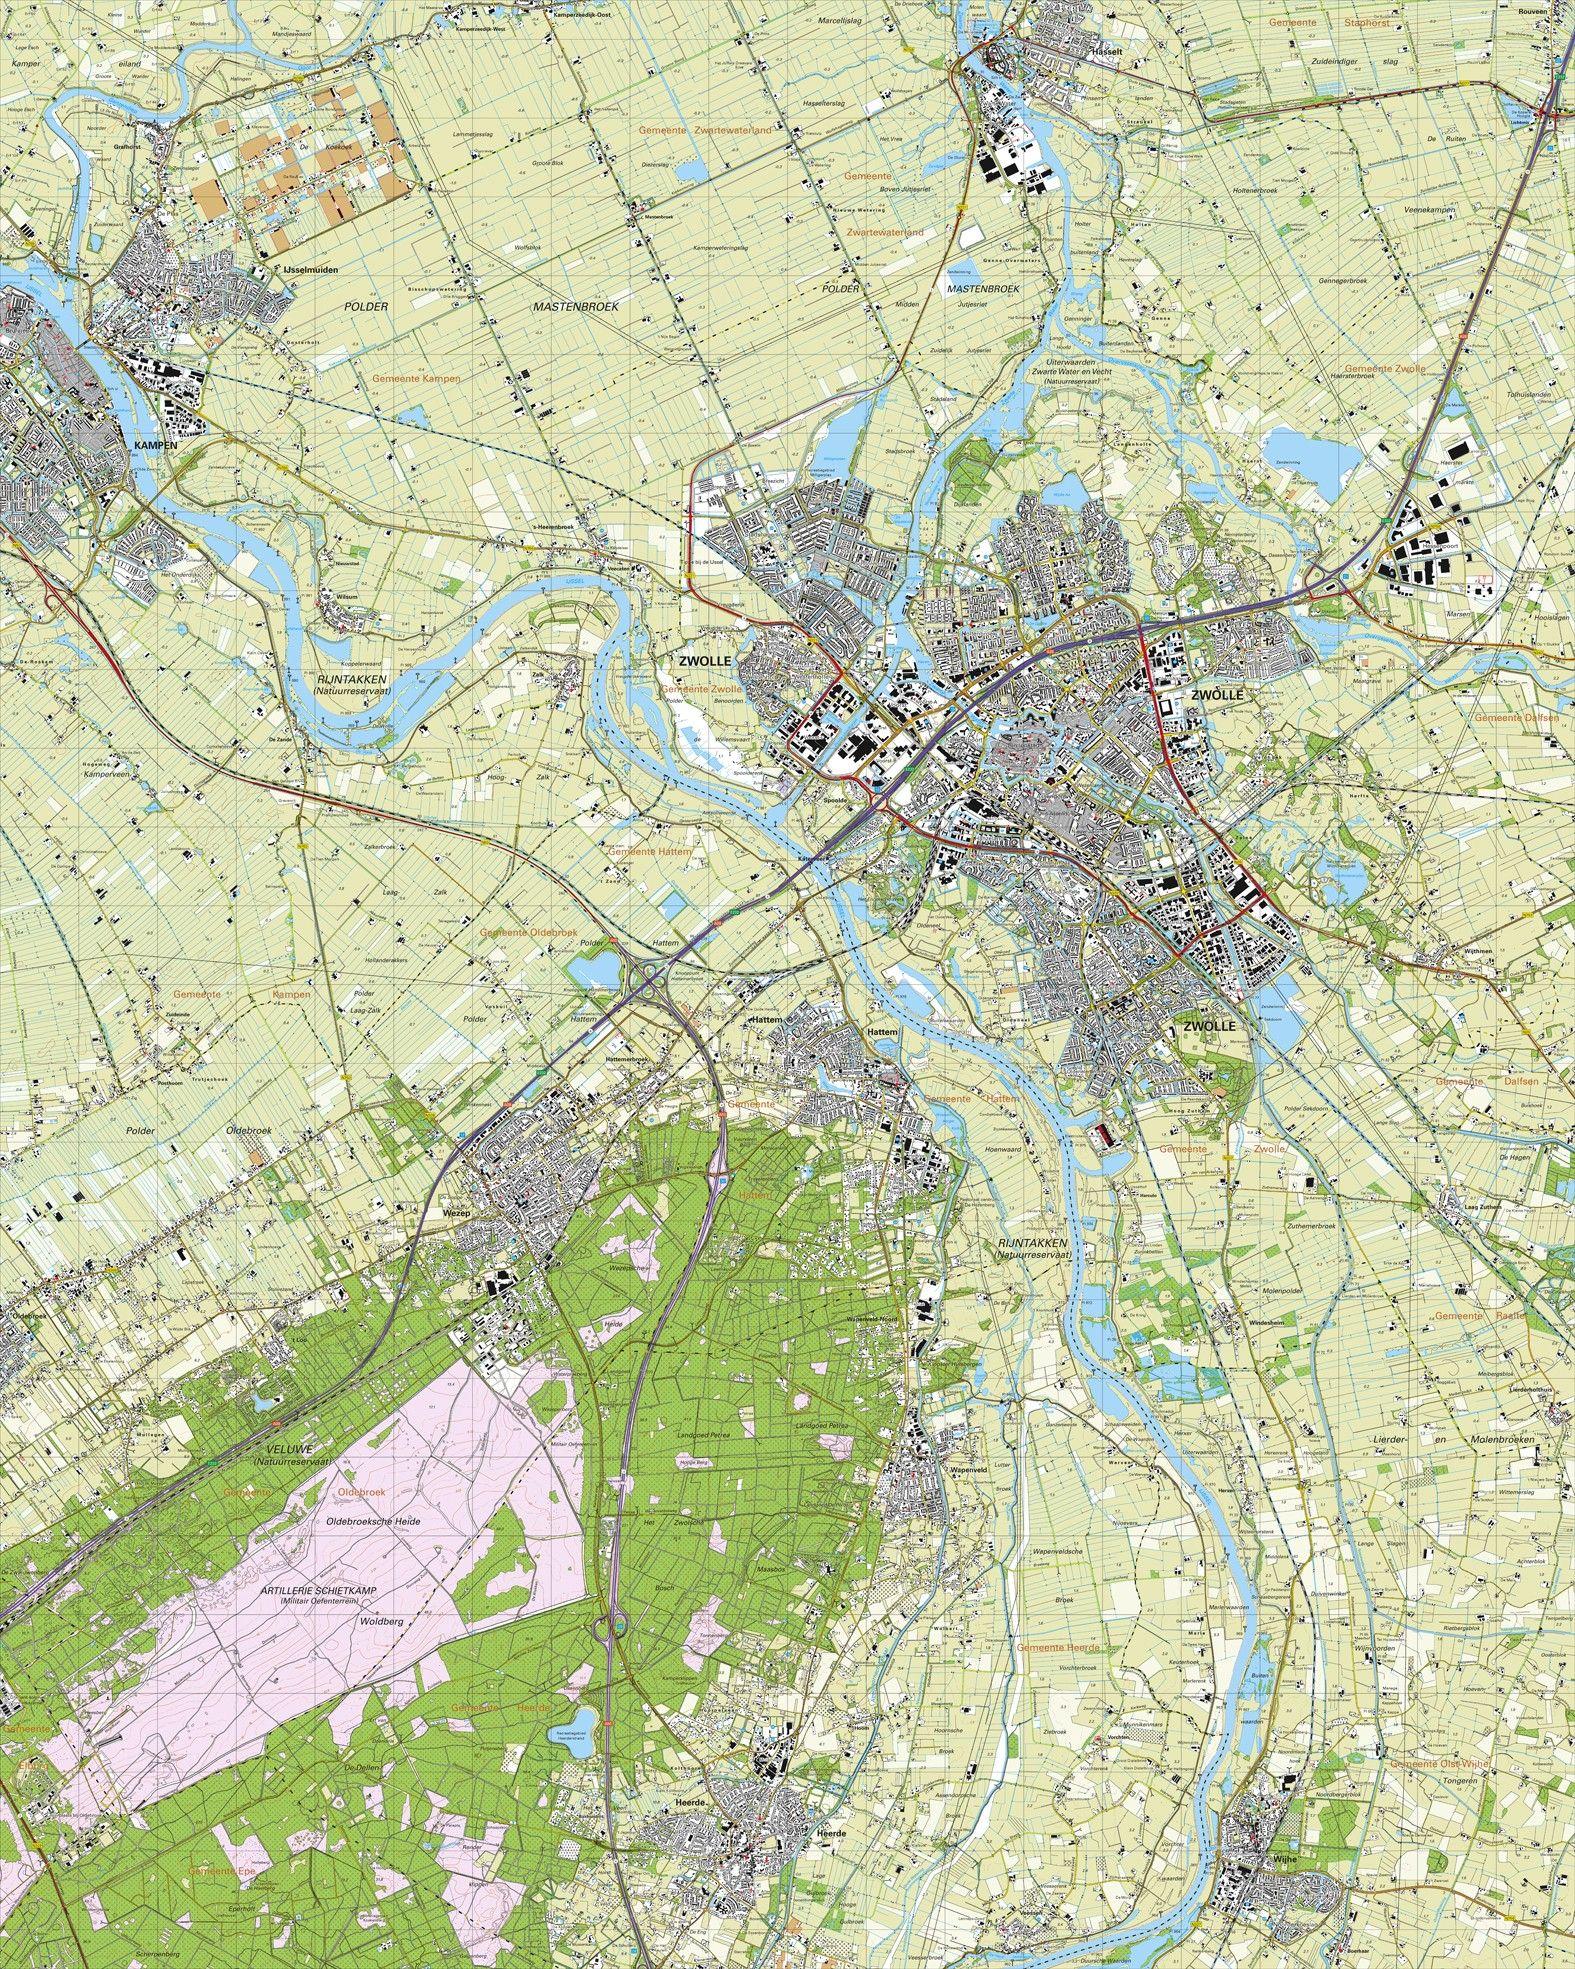 Topografische kaart schaal 1:25.000 (Zwolle, Kampen, Hattem, Wezep, Heerde, Wijhe)